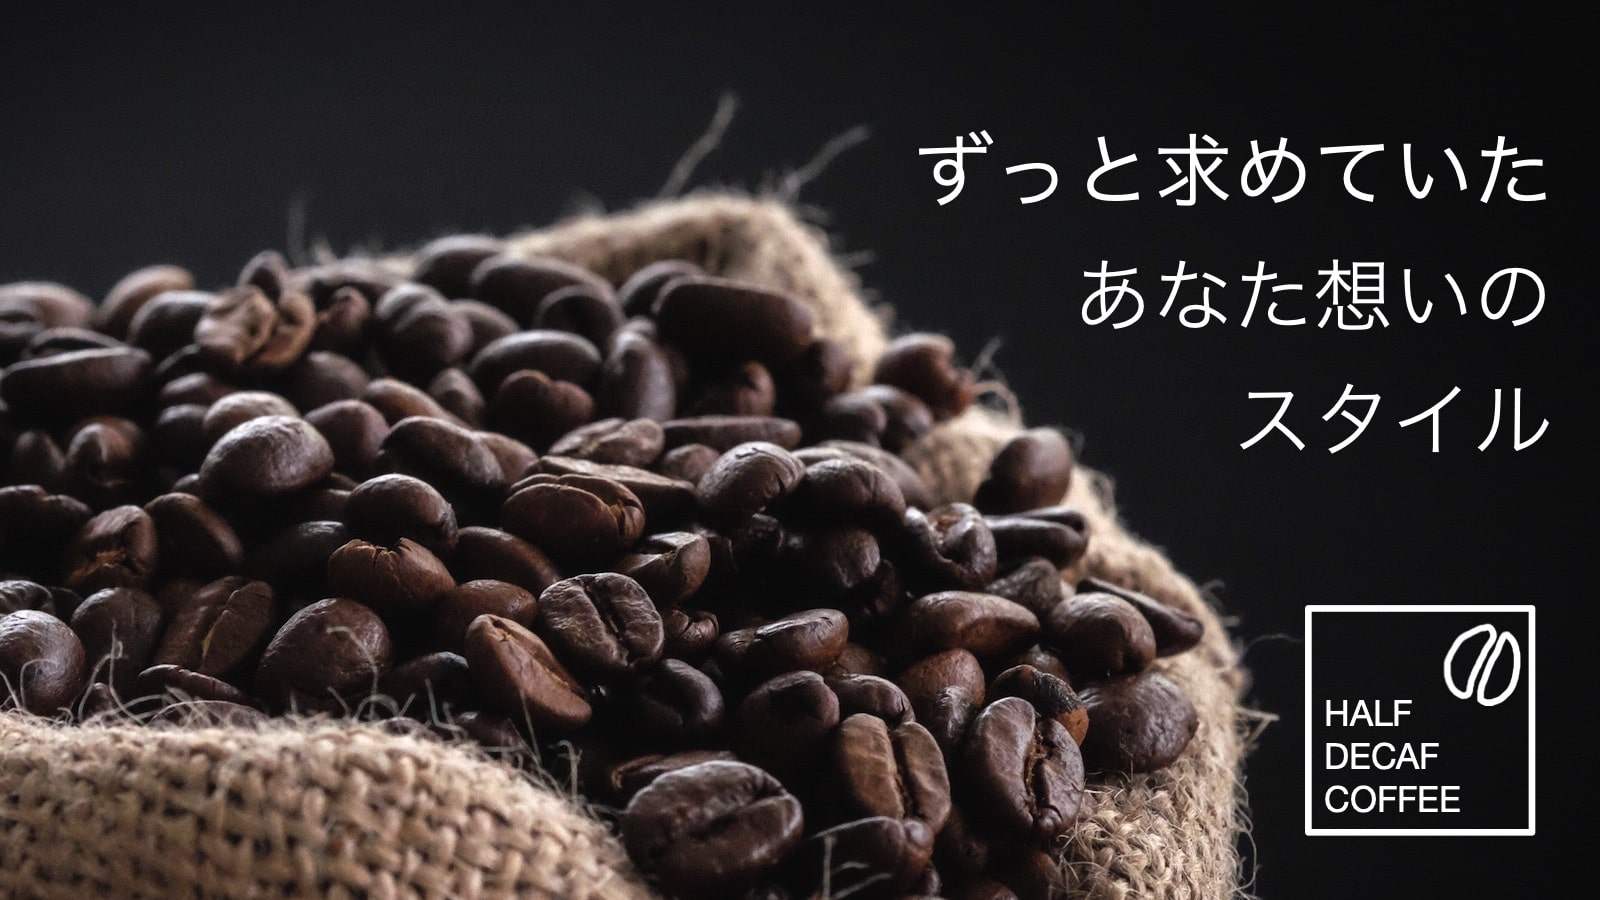 Half Decaf Coffee あなた思いのハーフデカフェコーヒー